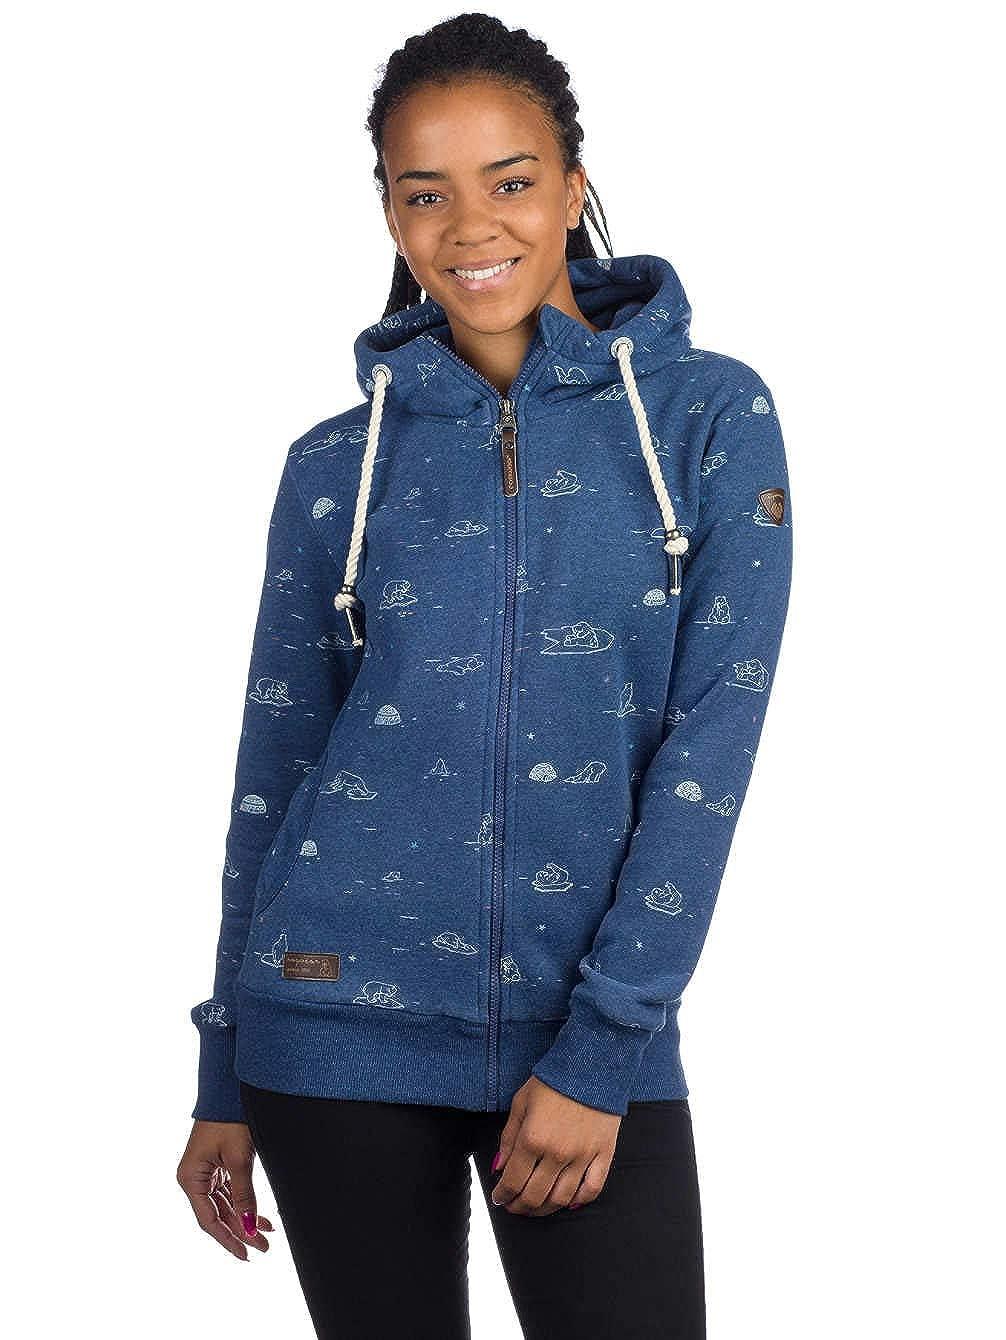 Ragwear Angel Zip Sweatshirt Dusty Blau B07FCN5KLF Kapuzenpullover Kapuzenpullover Kapuzenpullover Sehr gute Farbe 0054a5